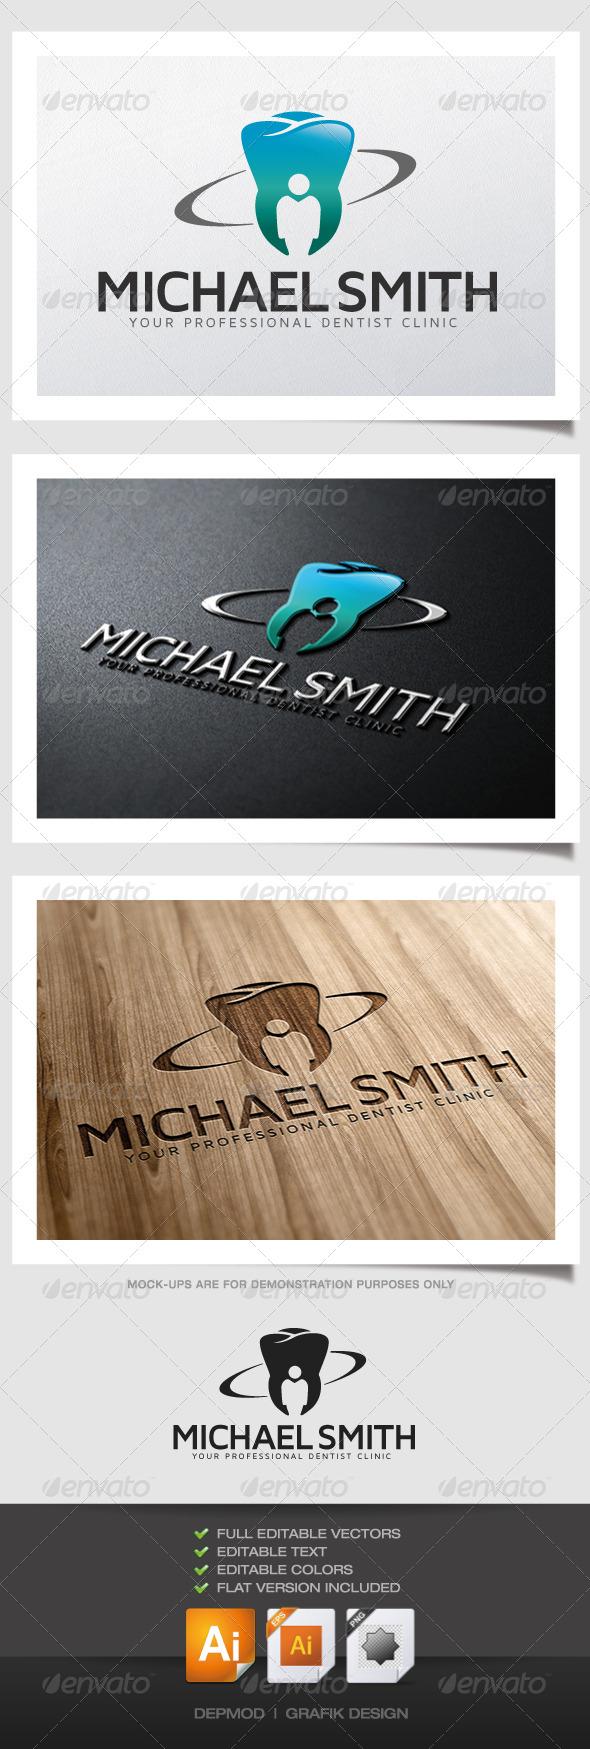 GraphicRiver Michael Smith Dentist Logo 4770075